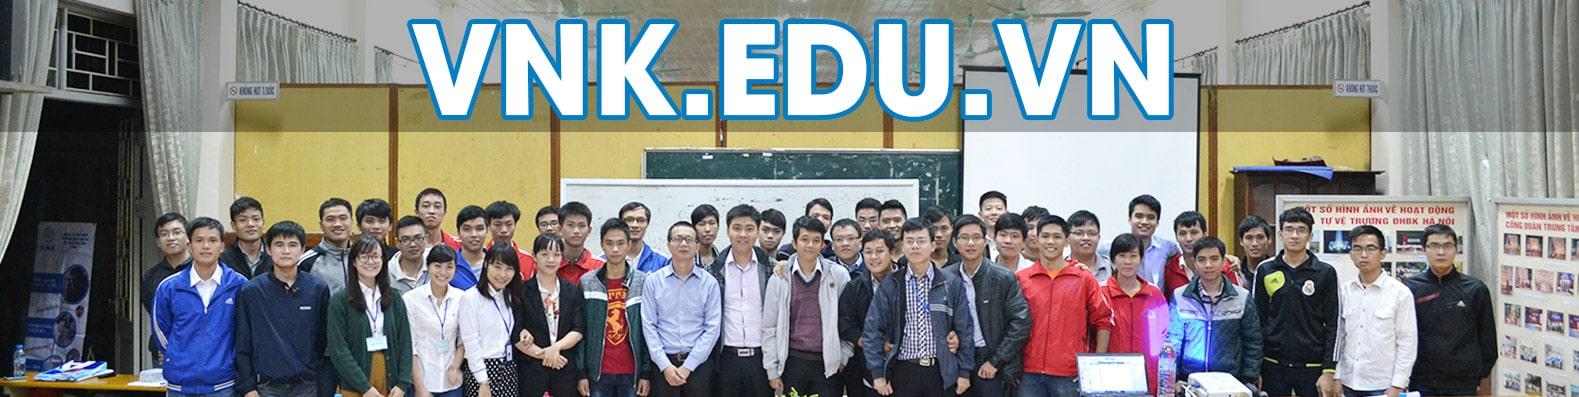 VNK-banner14.11